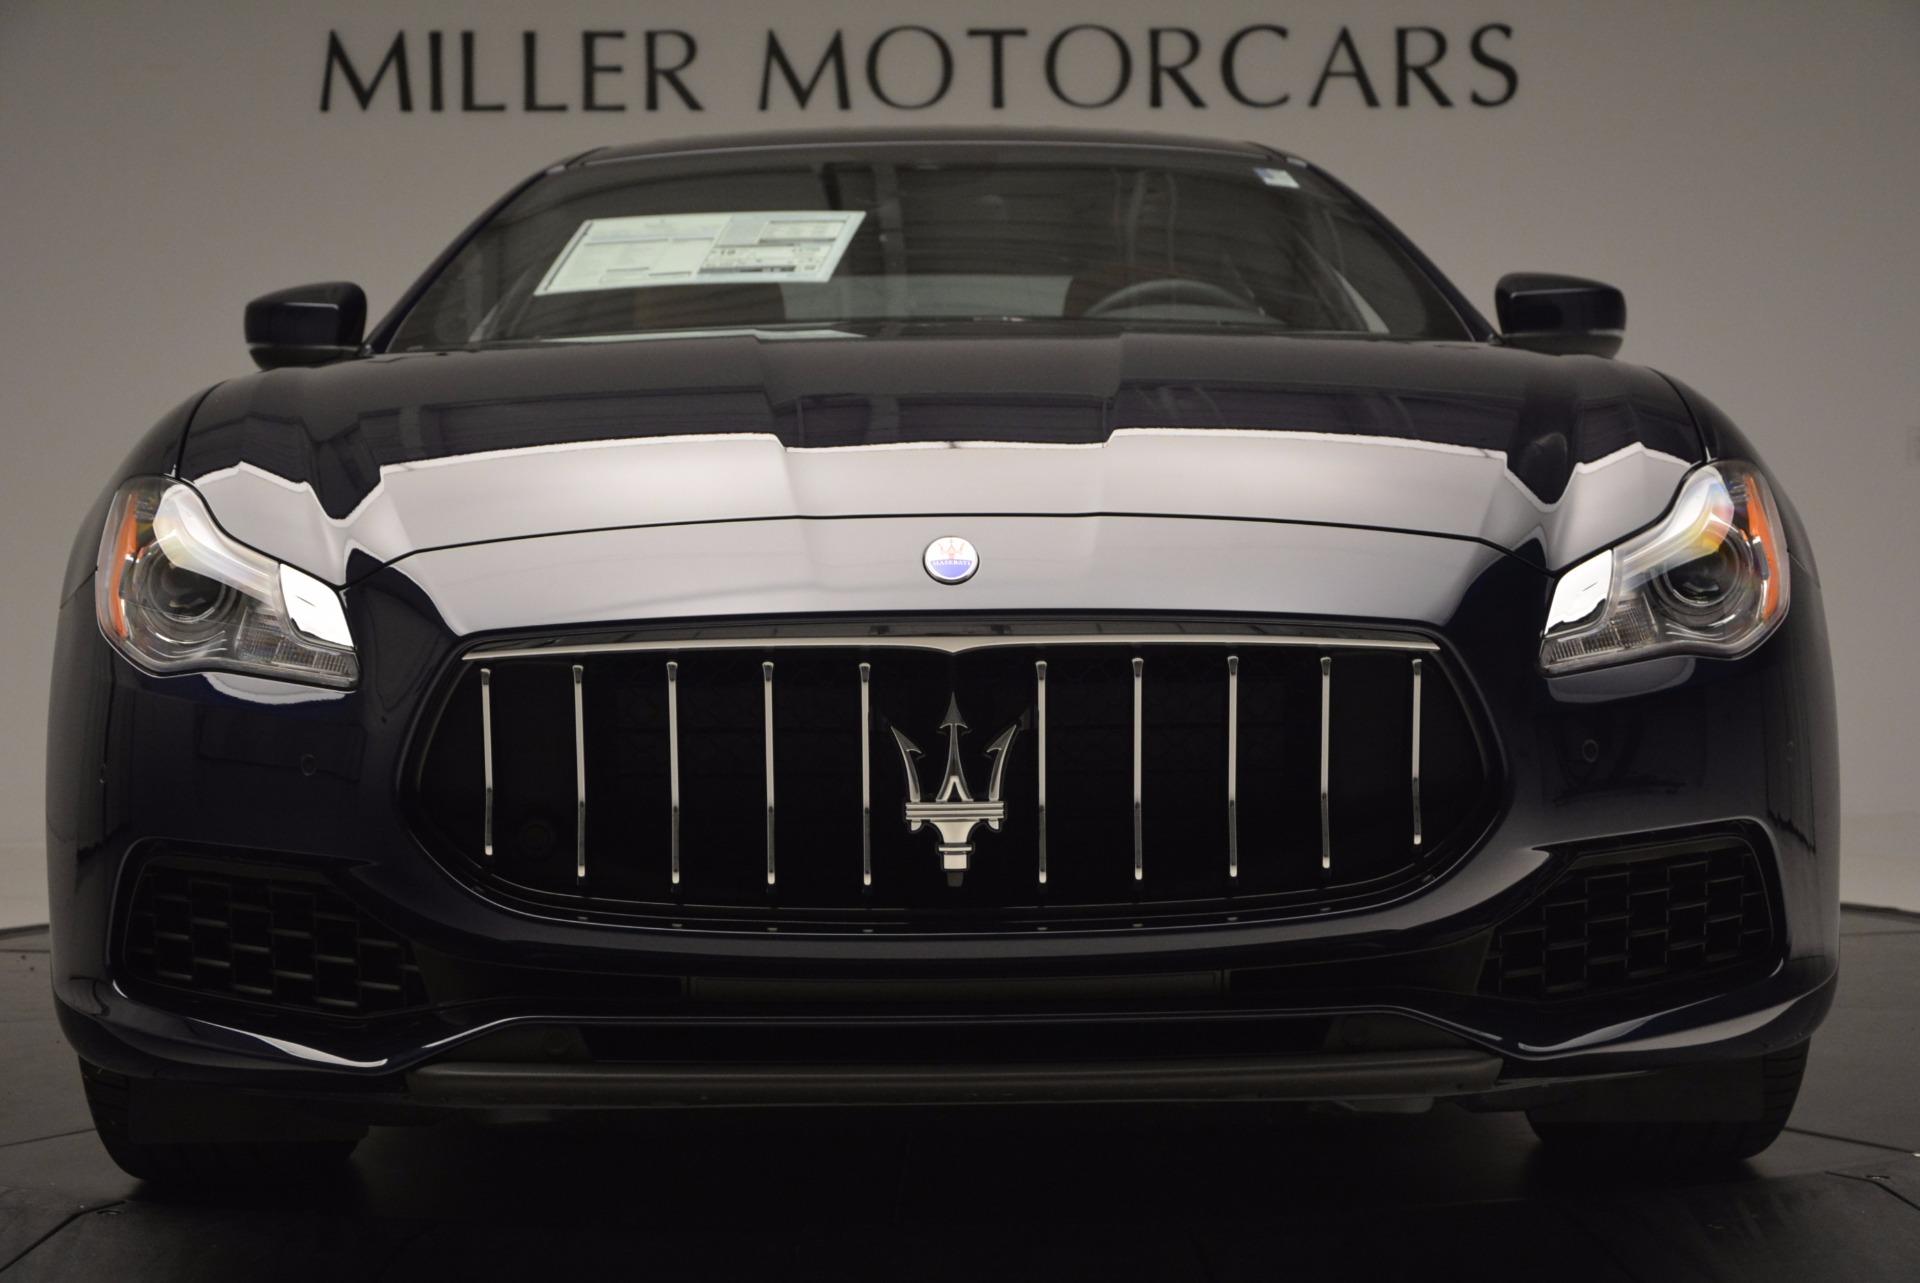 New 2017 Maserati Quattroporte S Q4 GranLusso For Sale In Westport, CT 716_p27